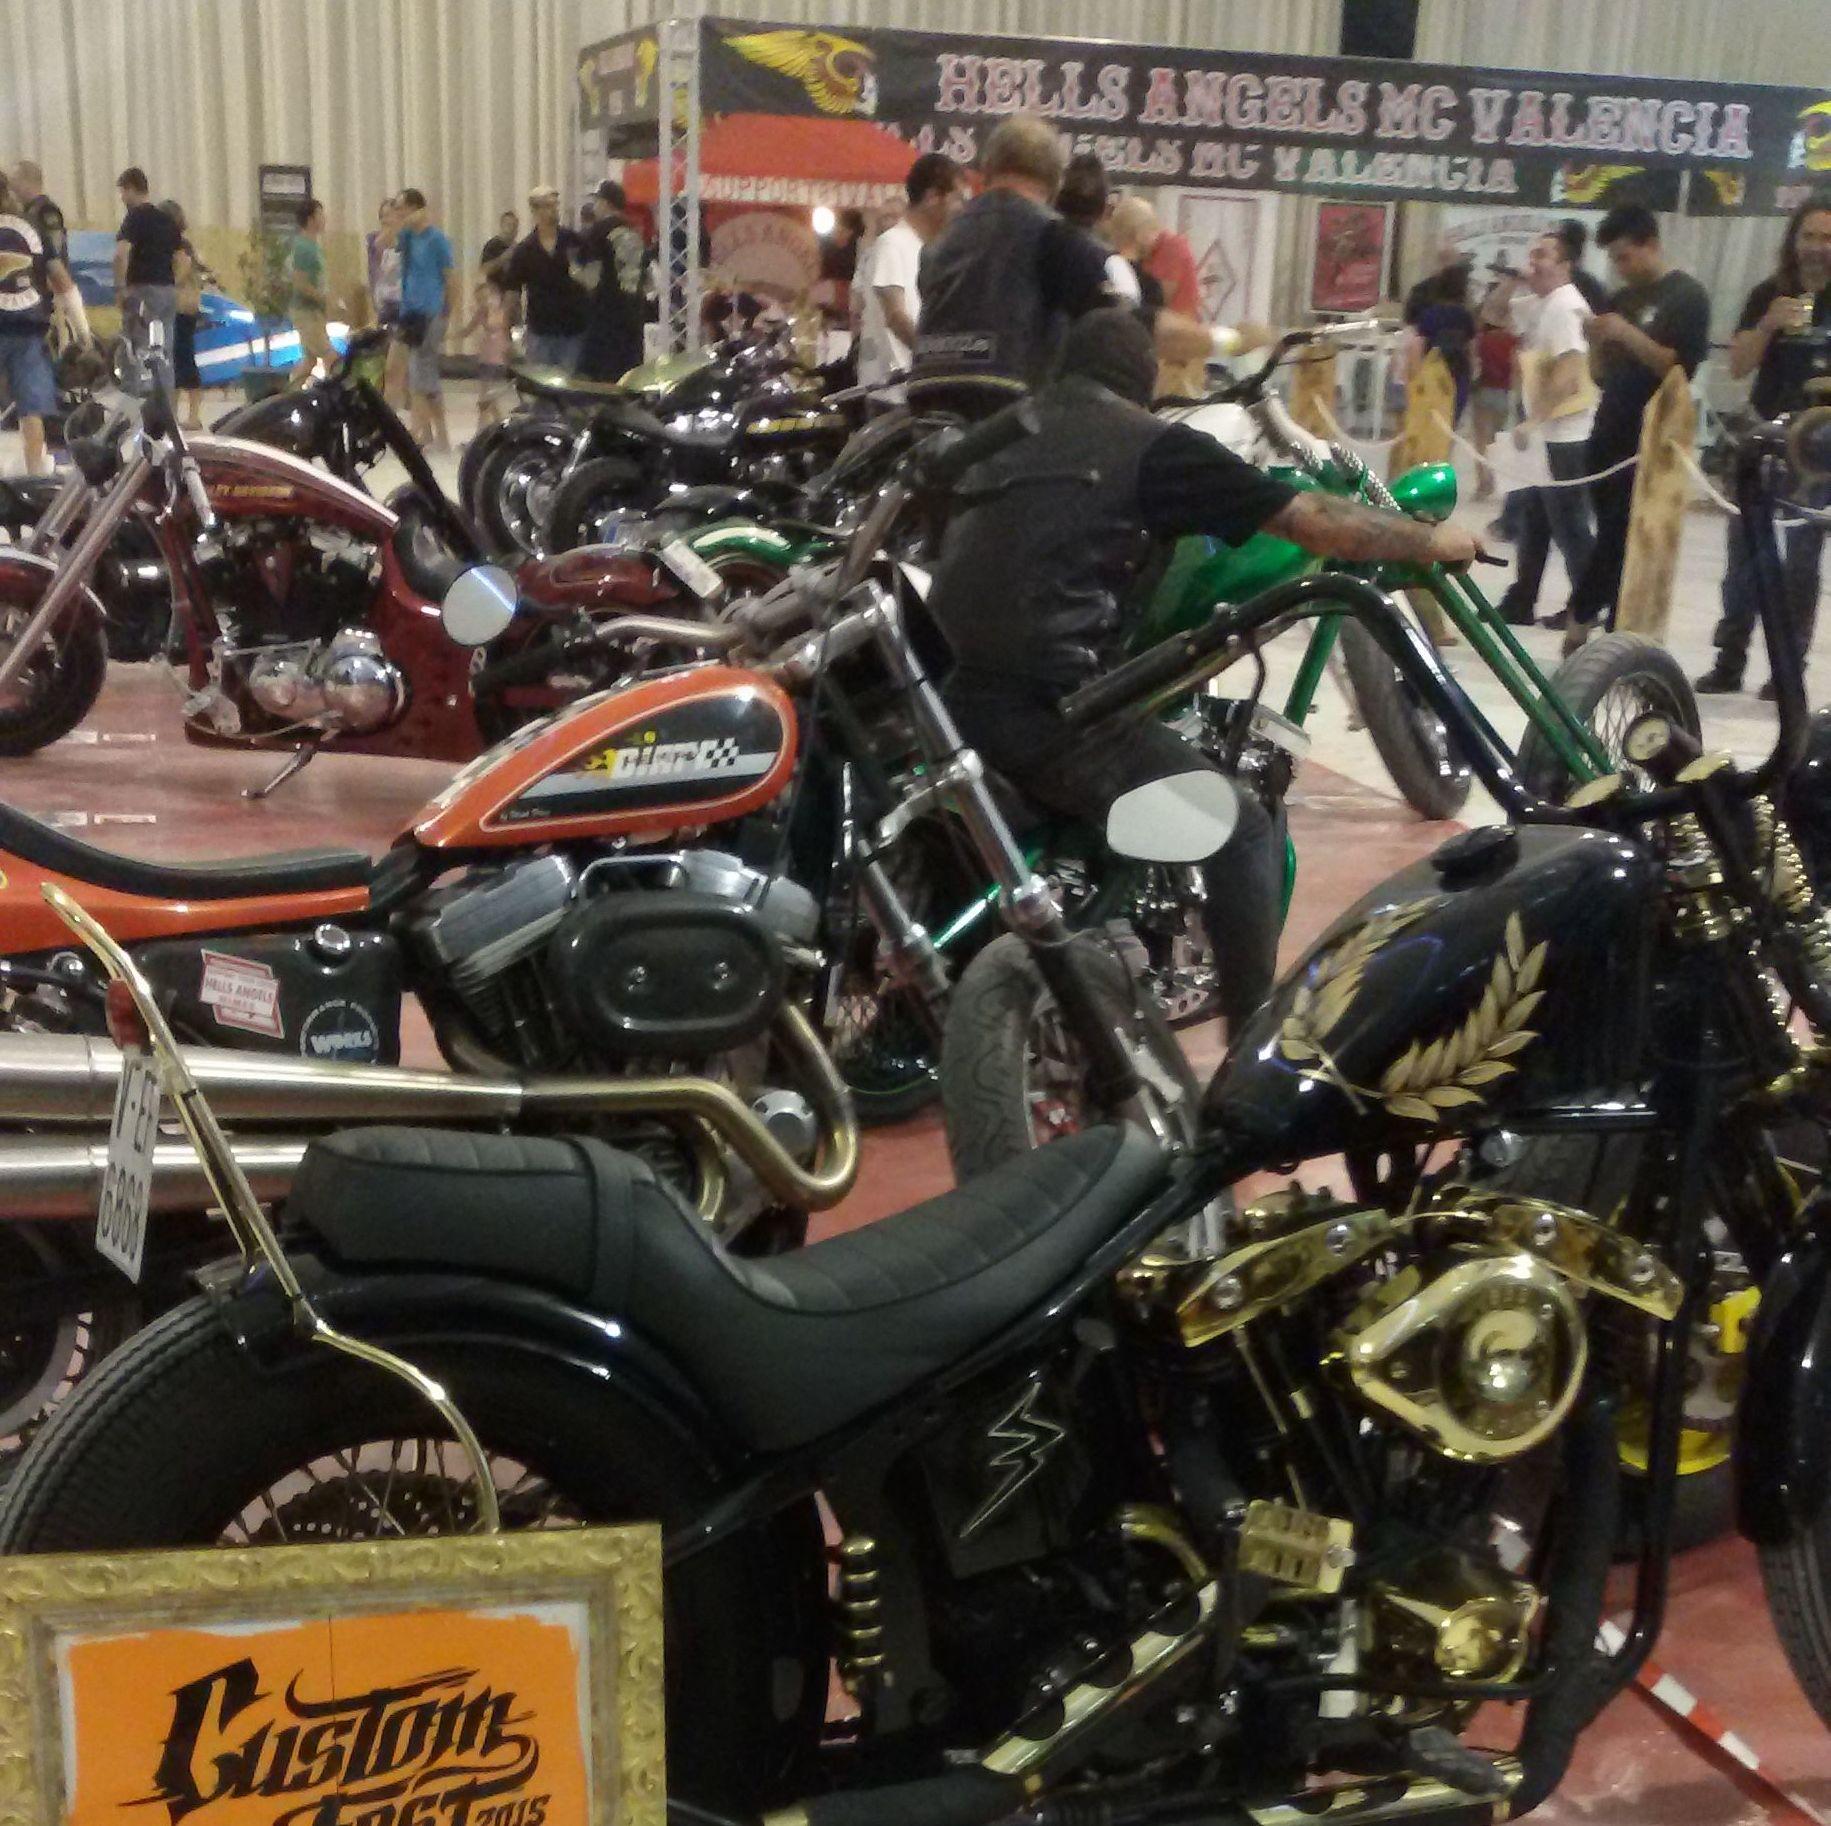 transformacion motos en valencia, personalizar motos, luxury, vintagemotorcycles, harley davidson clasicas